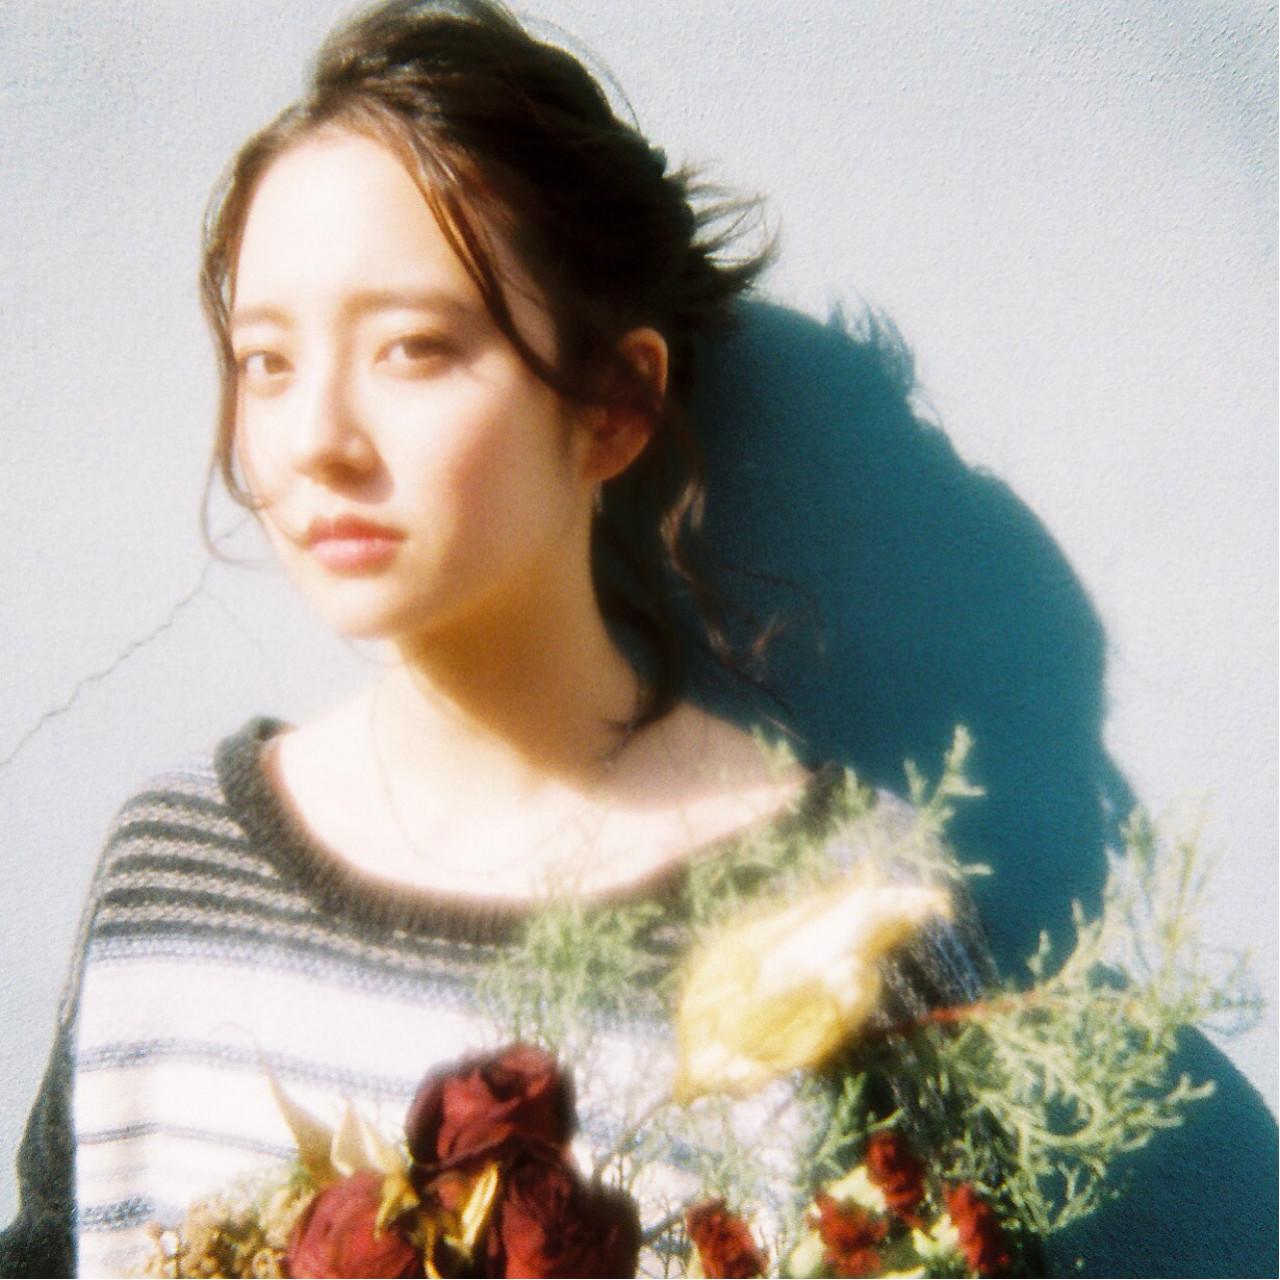 ショート ミディアム ヘアアレンジ フェミニン ヘアスタイルや髪型の写真・画像 | katsutoshi nambu / MAGNOLiA